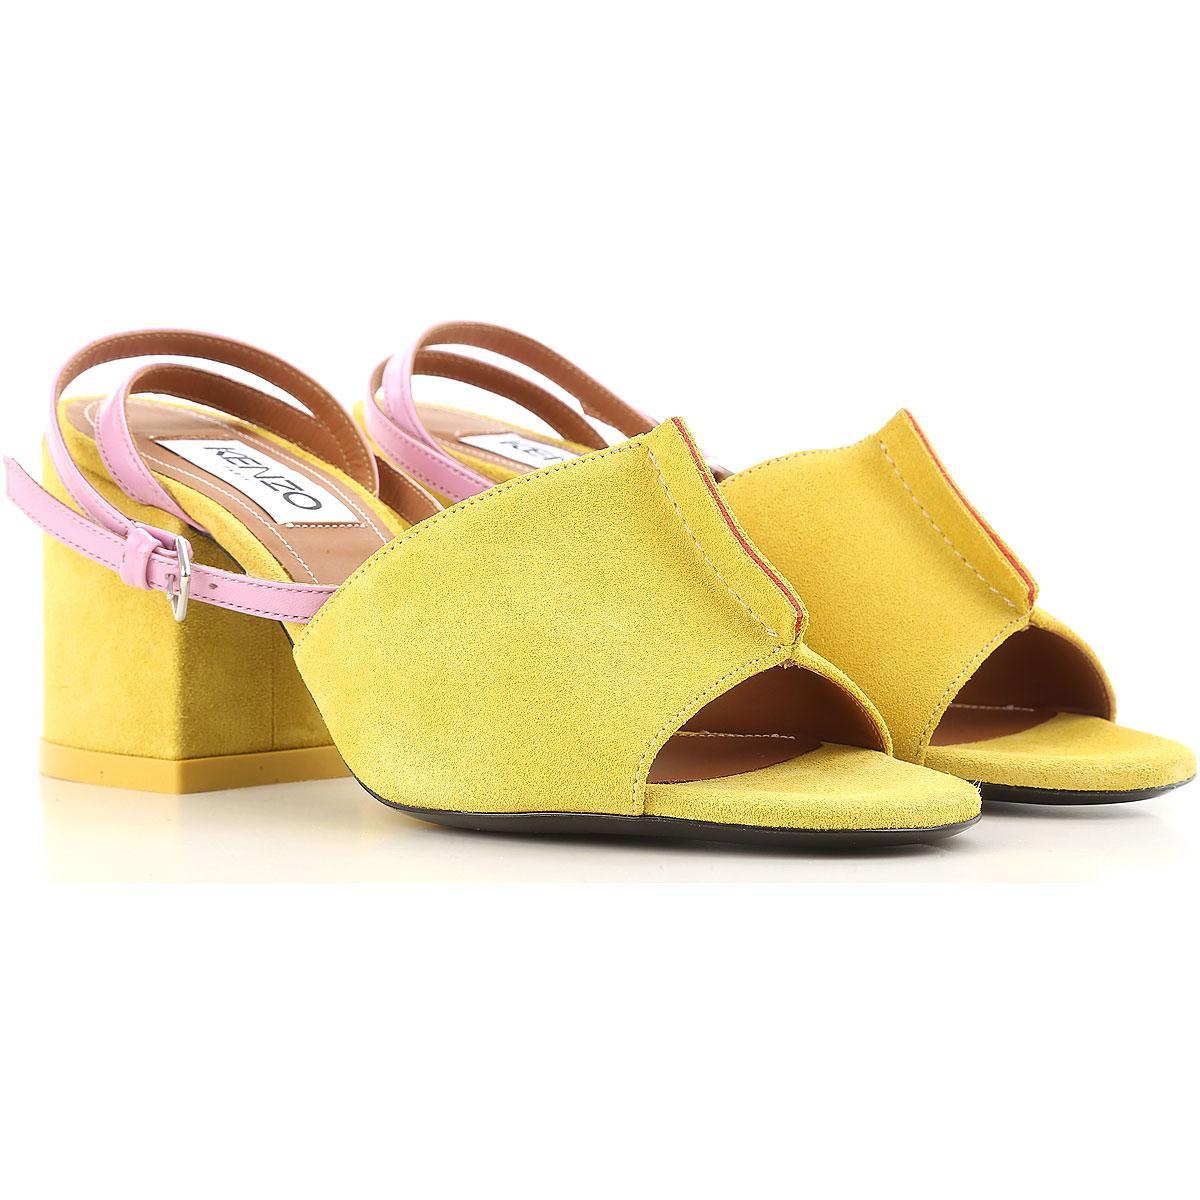 Alexander McQueen Pink Daria Memento Sandals ARifpOZt